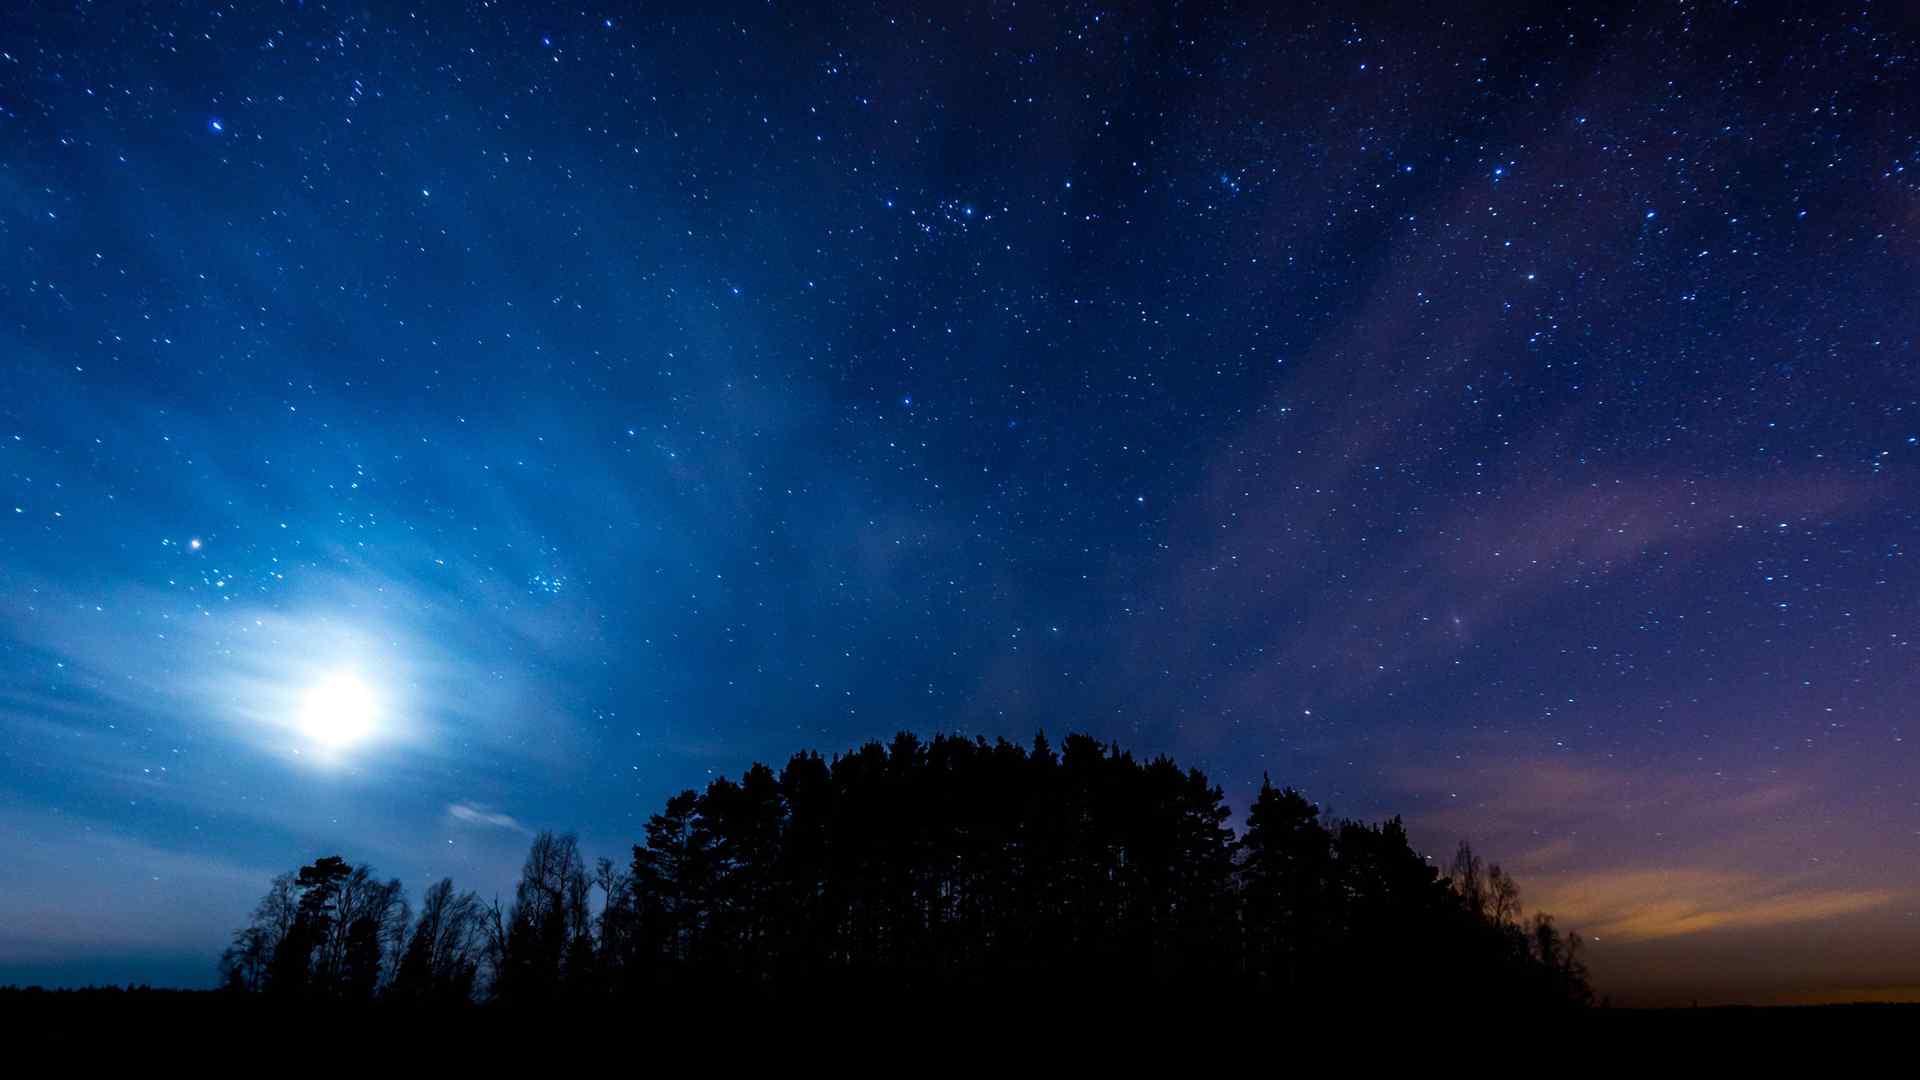 夜晚树林星空风景壁纸